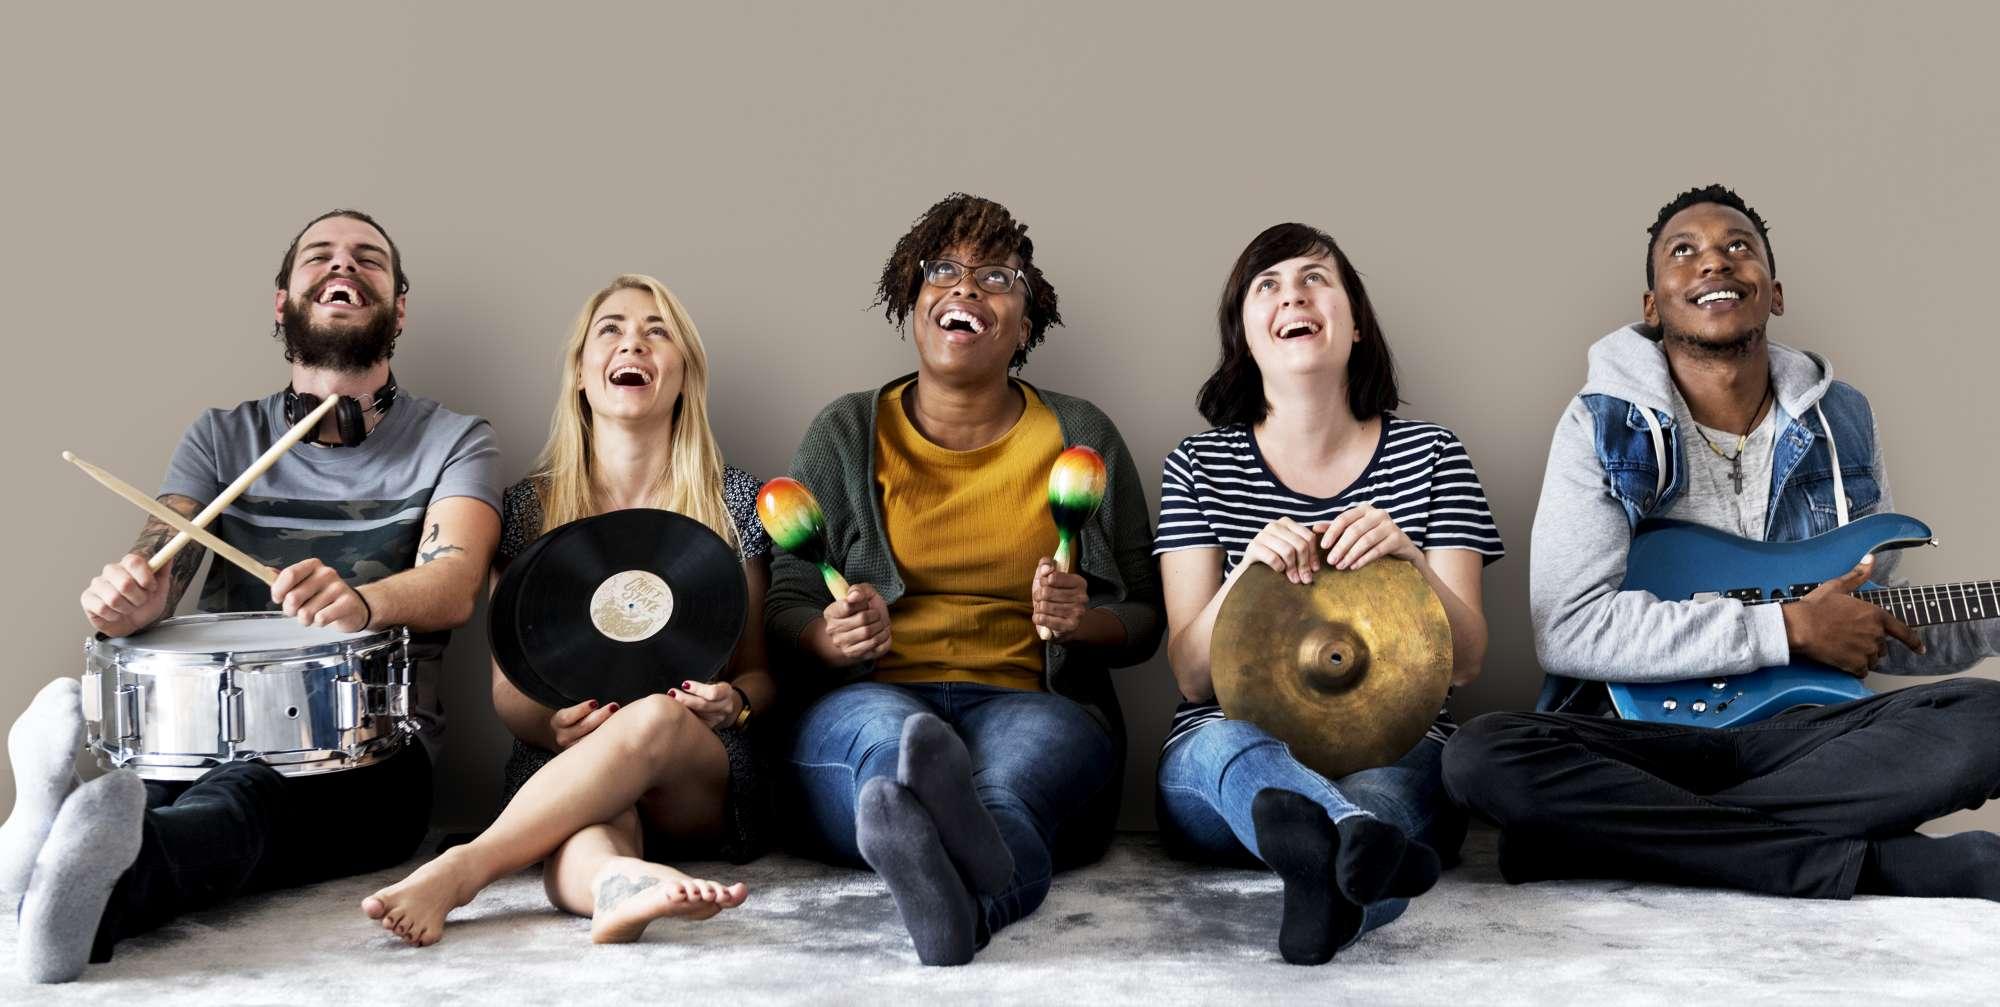 adultes-jouant-intruments-temps-pour musique